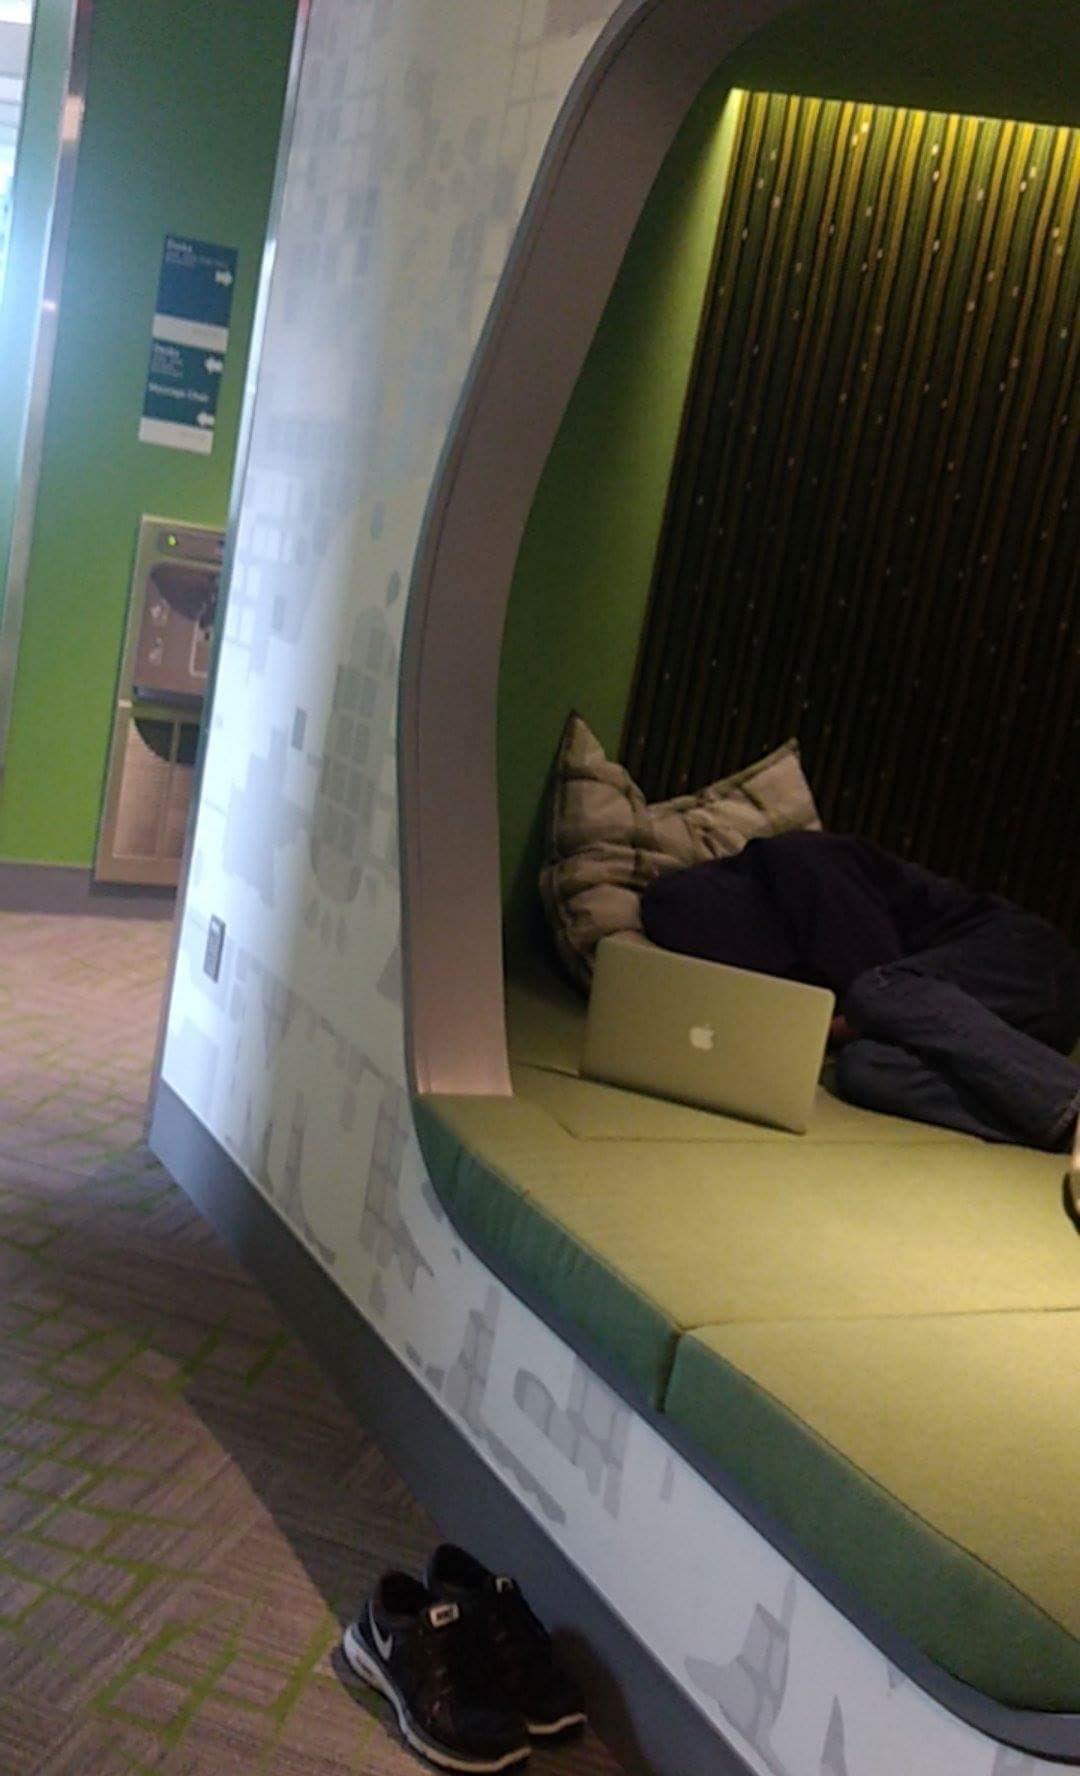 img/sleep2.jpg